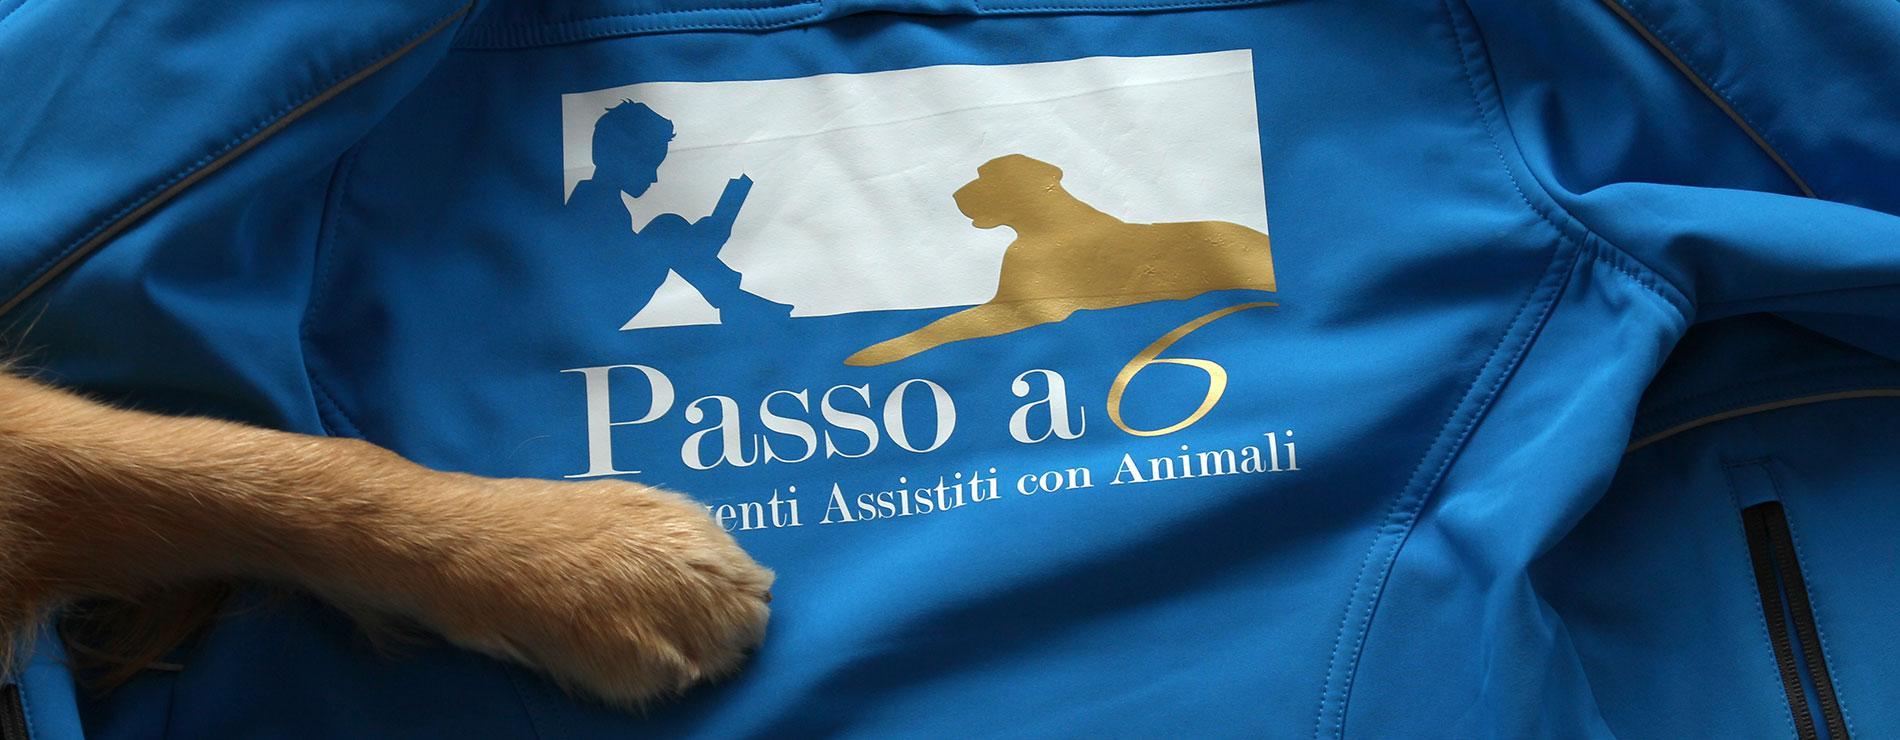 Interventi Assistiti con gli Animali